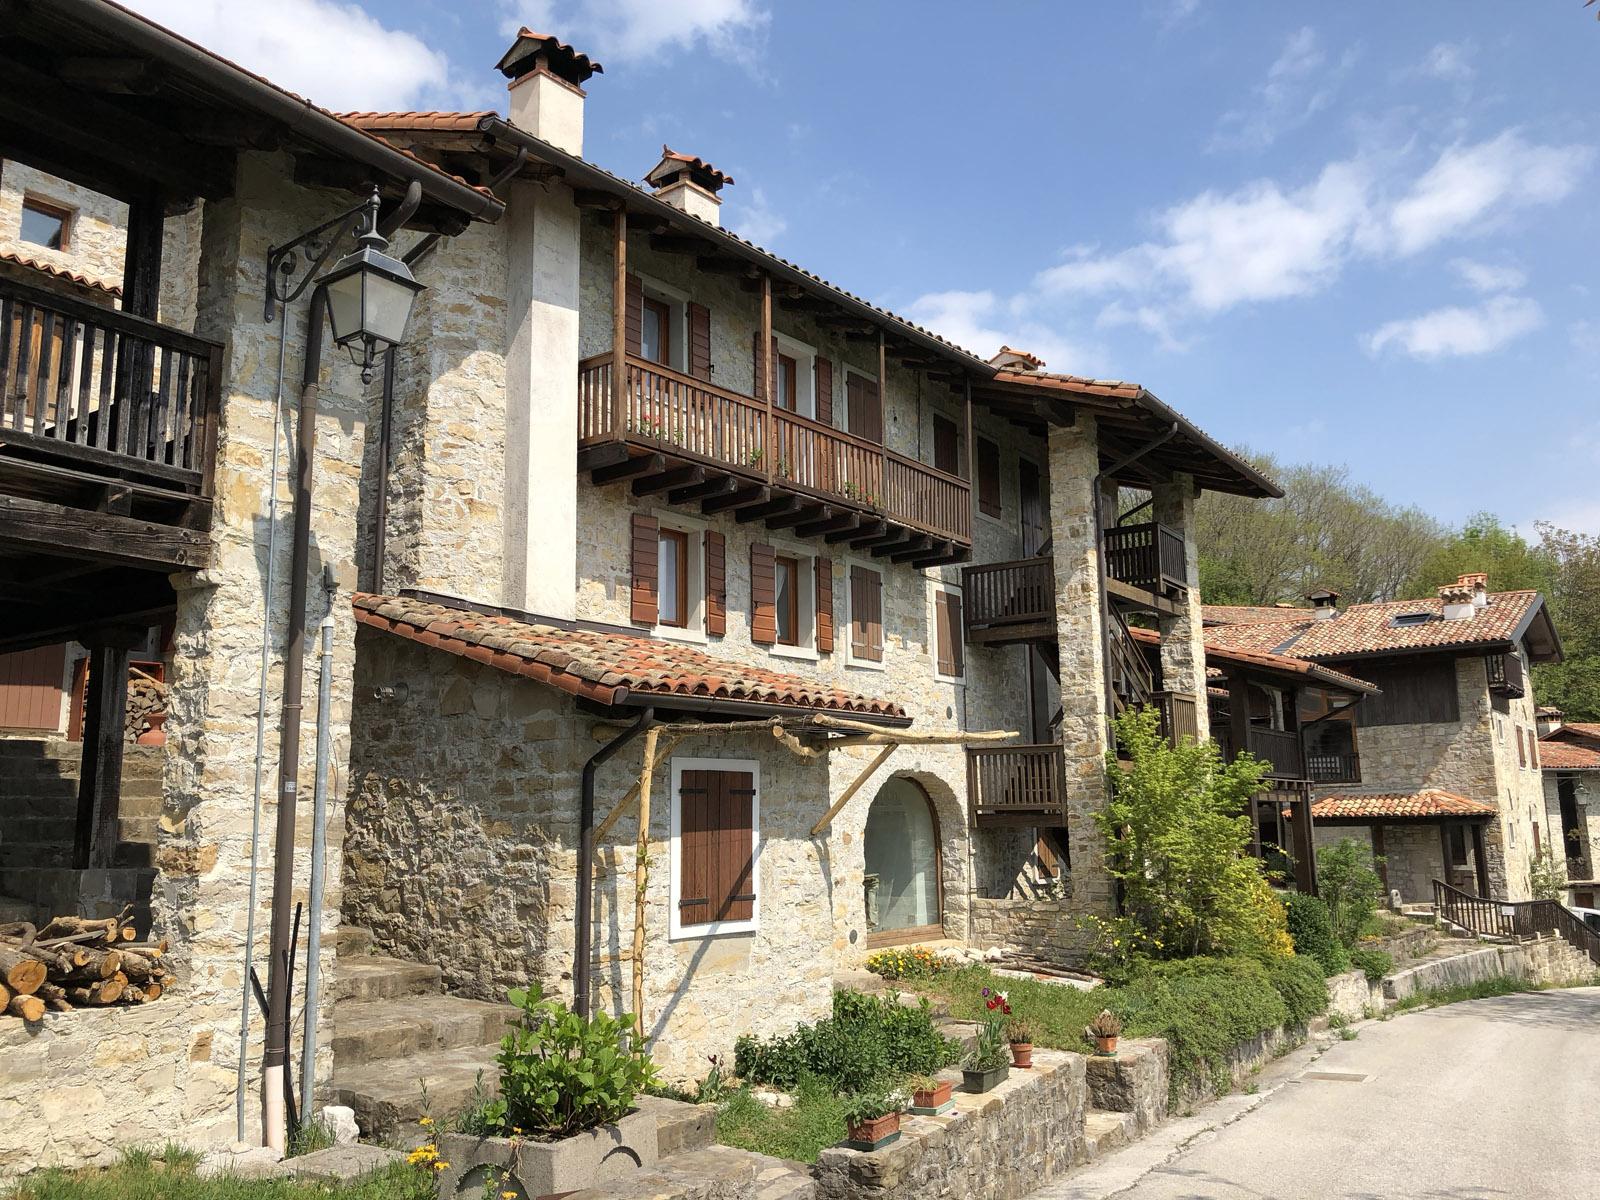 Borgo Valdestali - Frisanco - Del Mistro Giacobbe